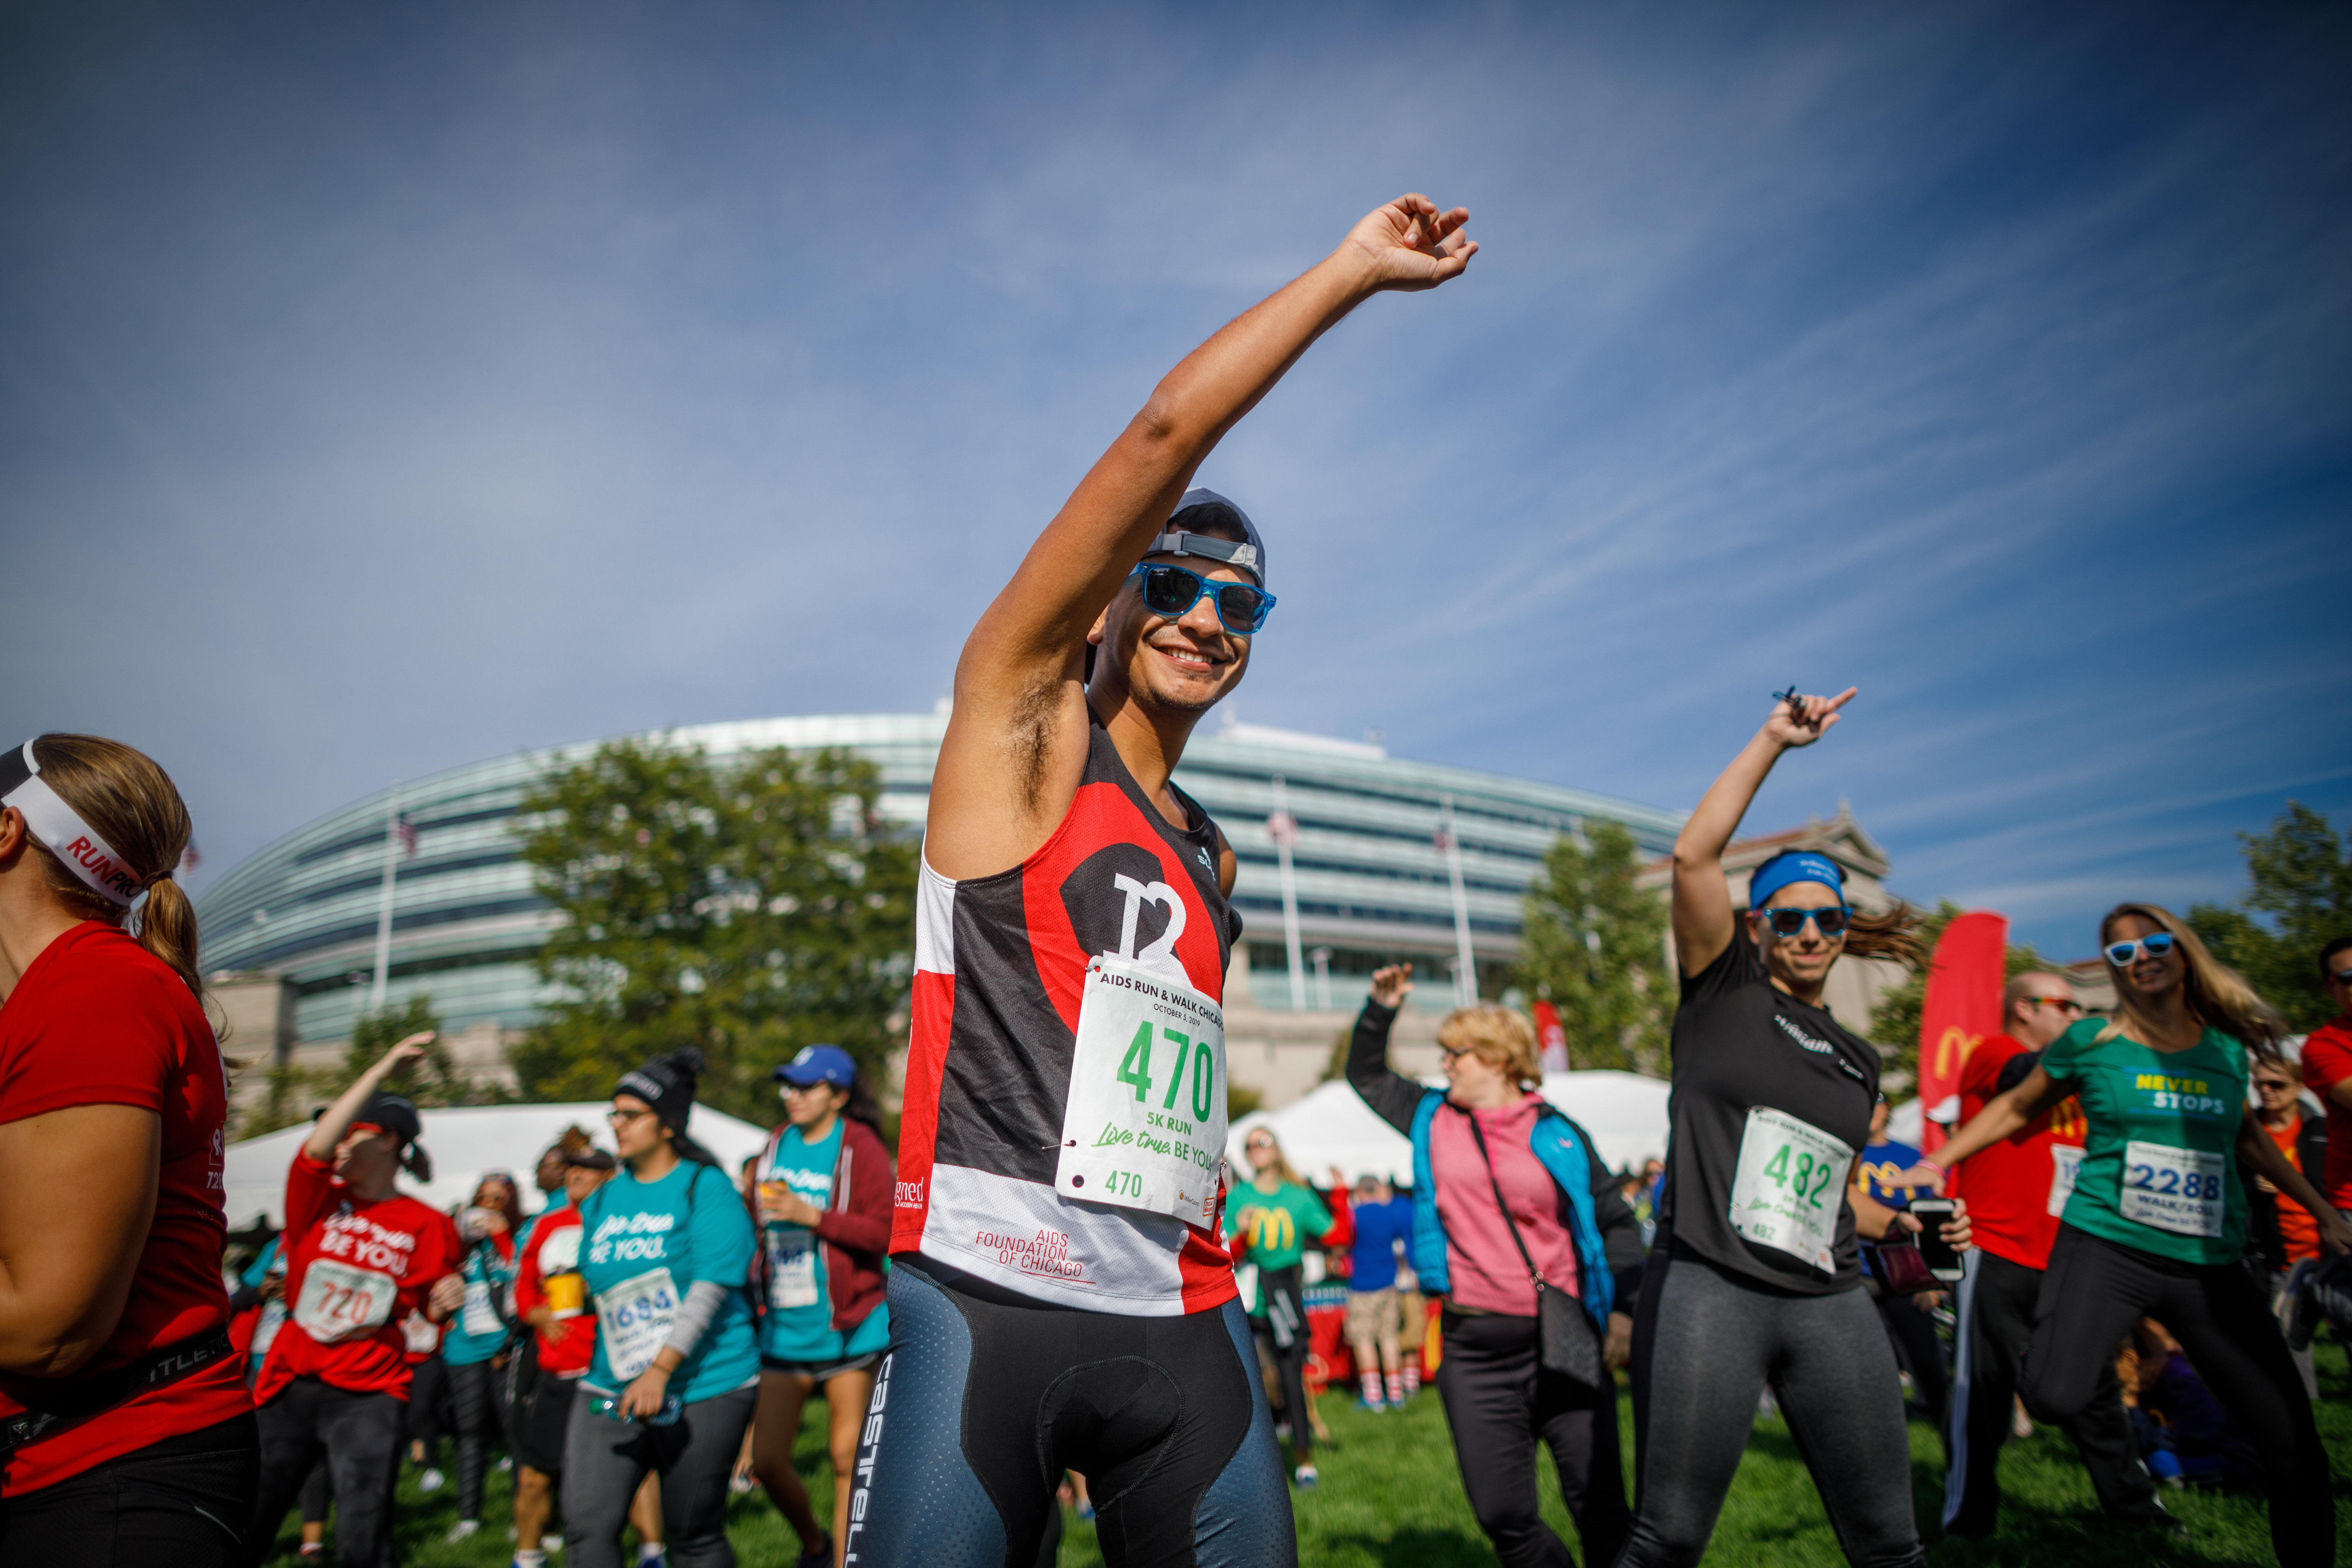 AIDS Run & Walk Chicago 2019